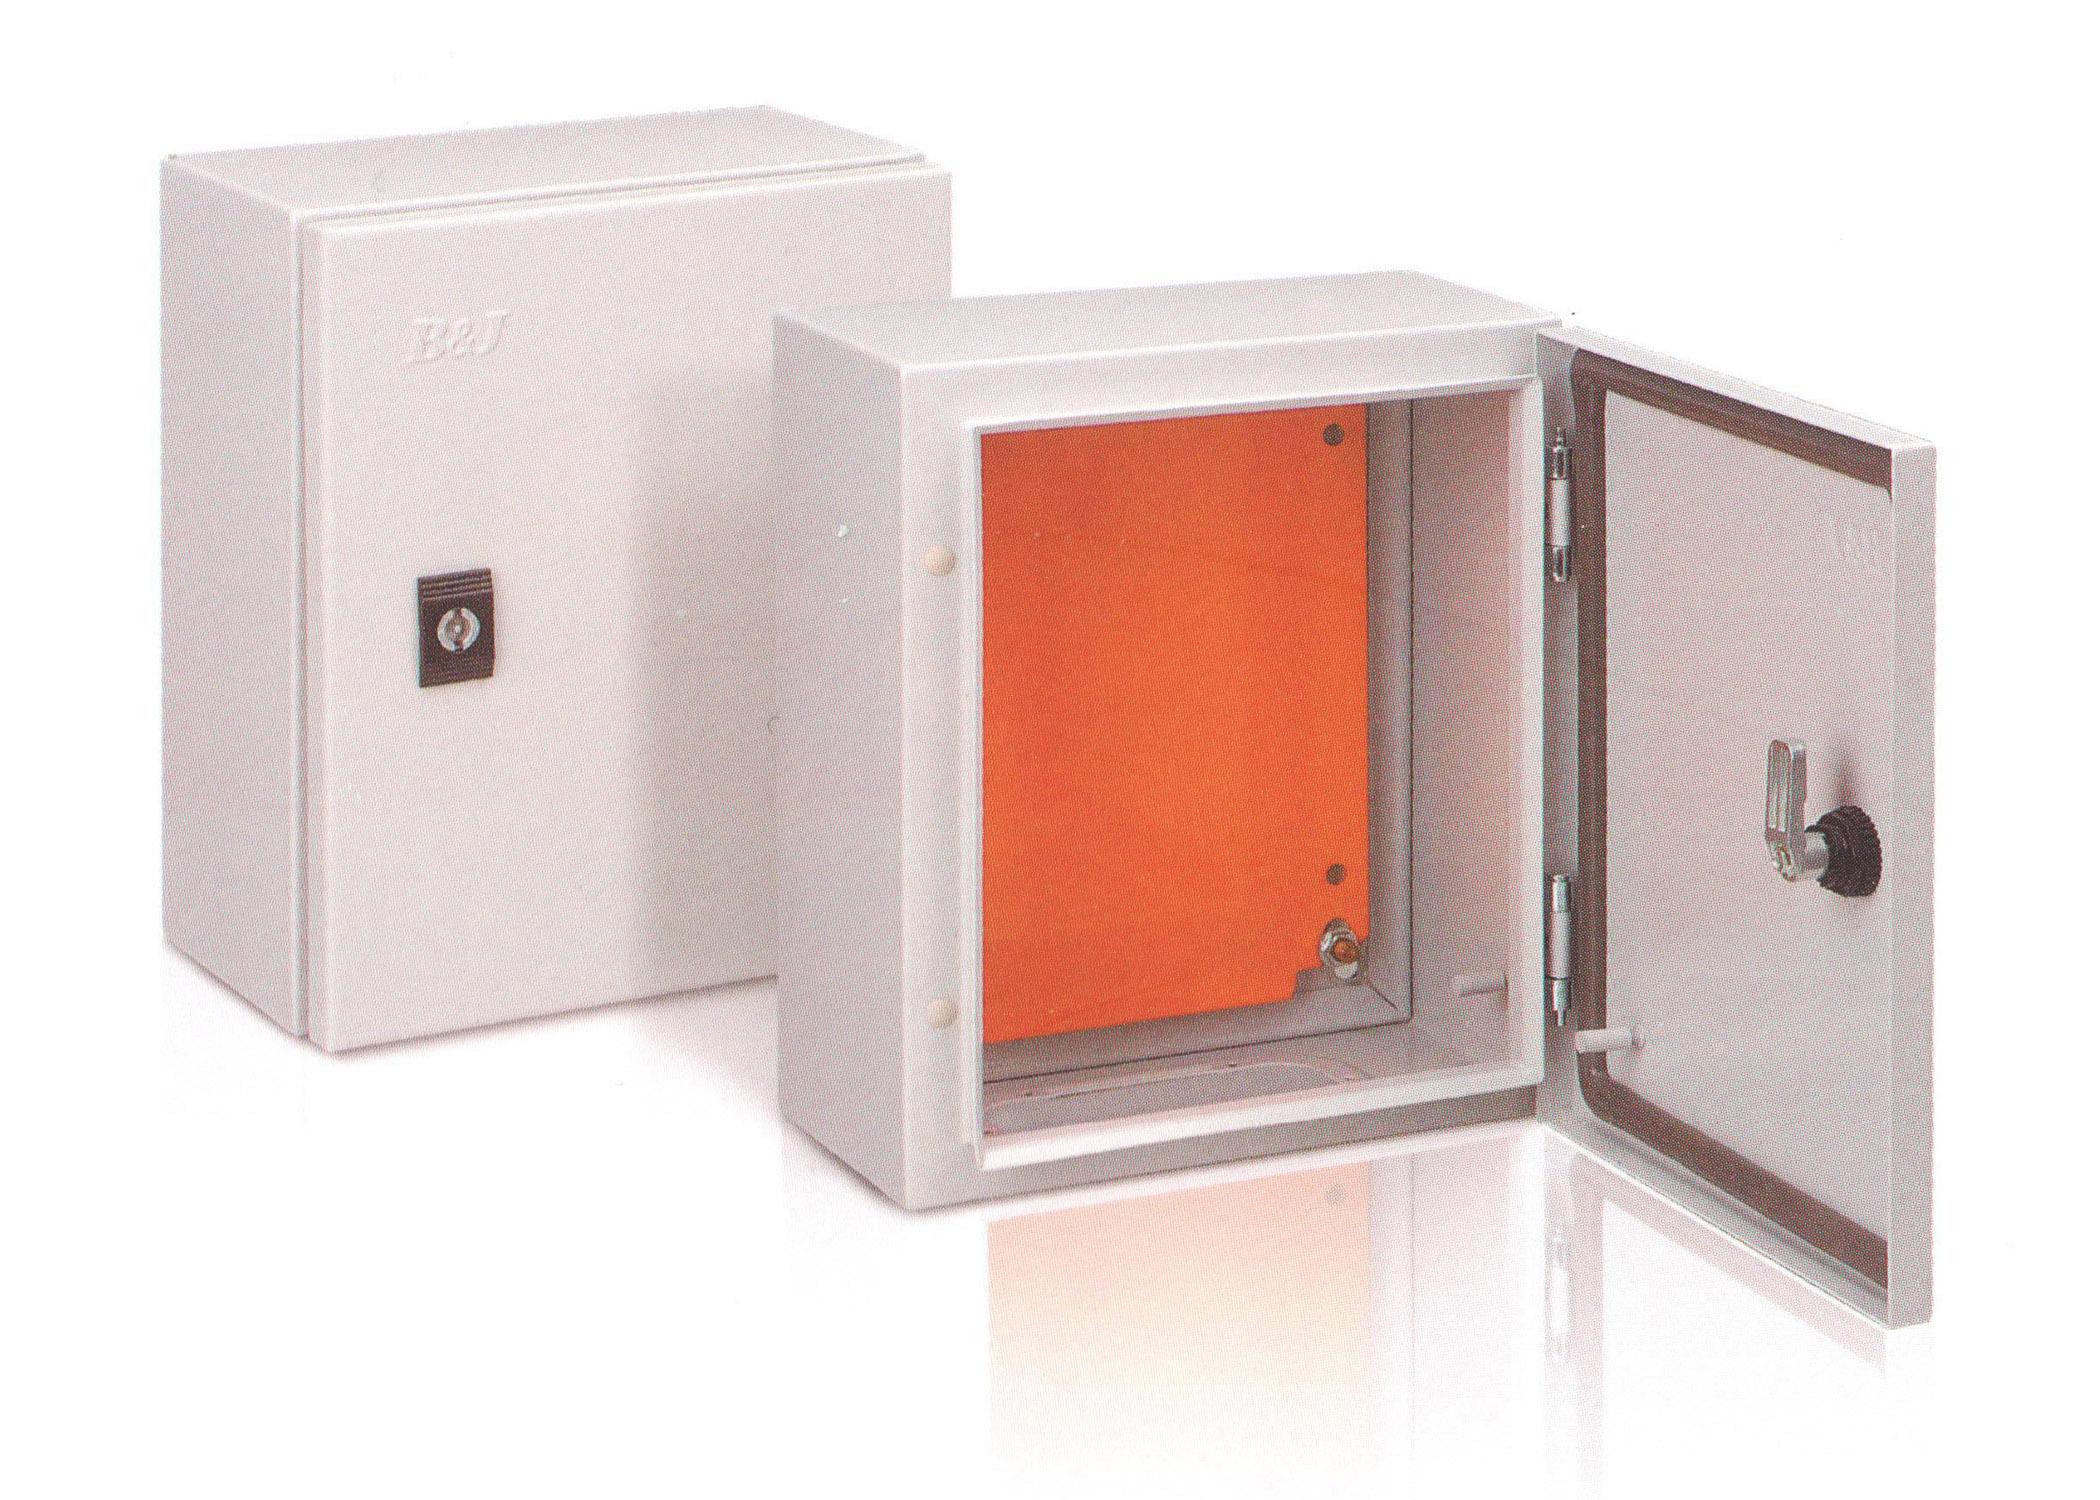 Hylec Apl Hylec Apl Launches New Secure Maintenance Free